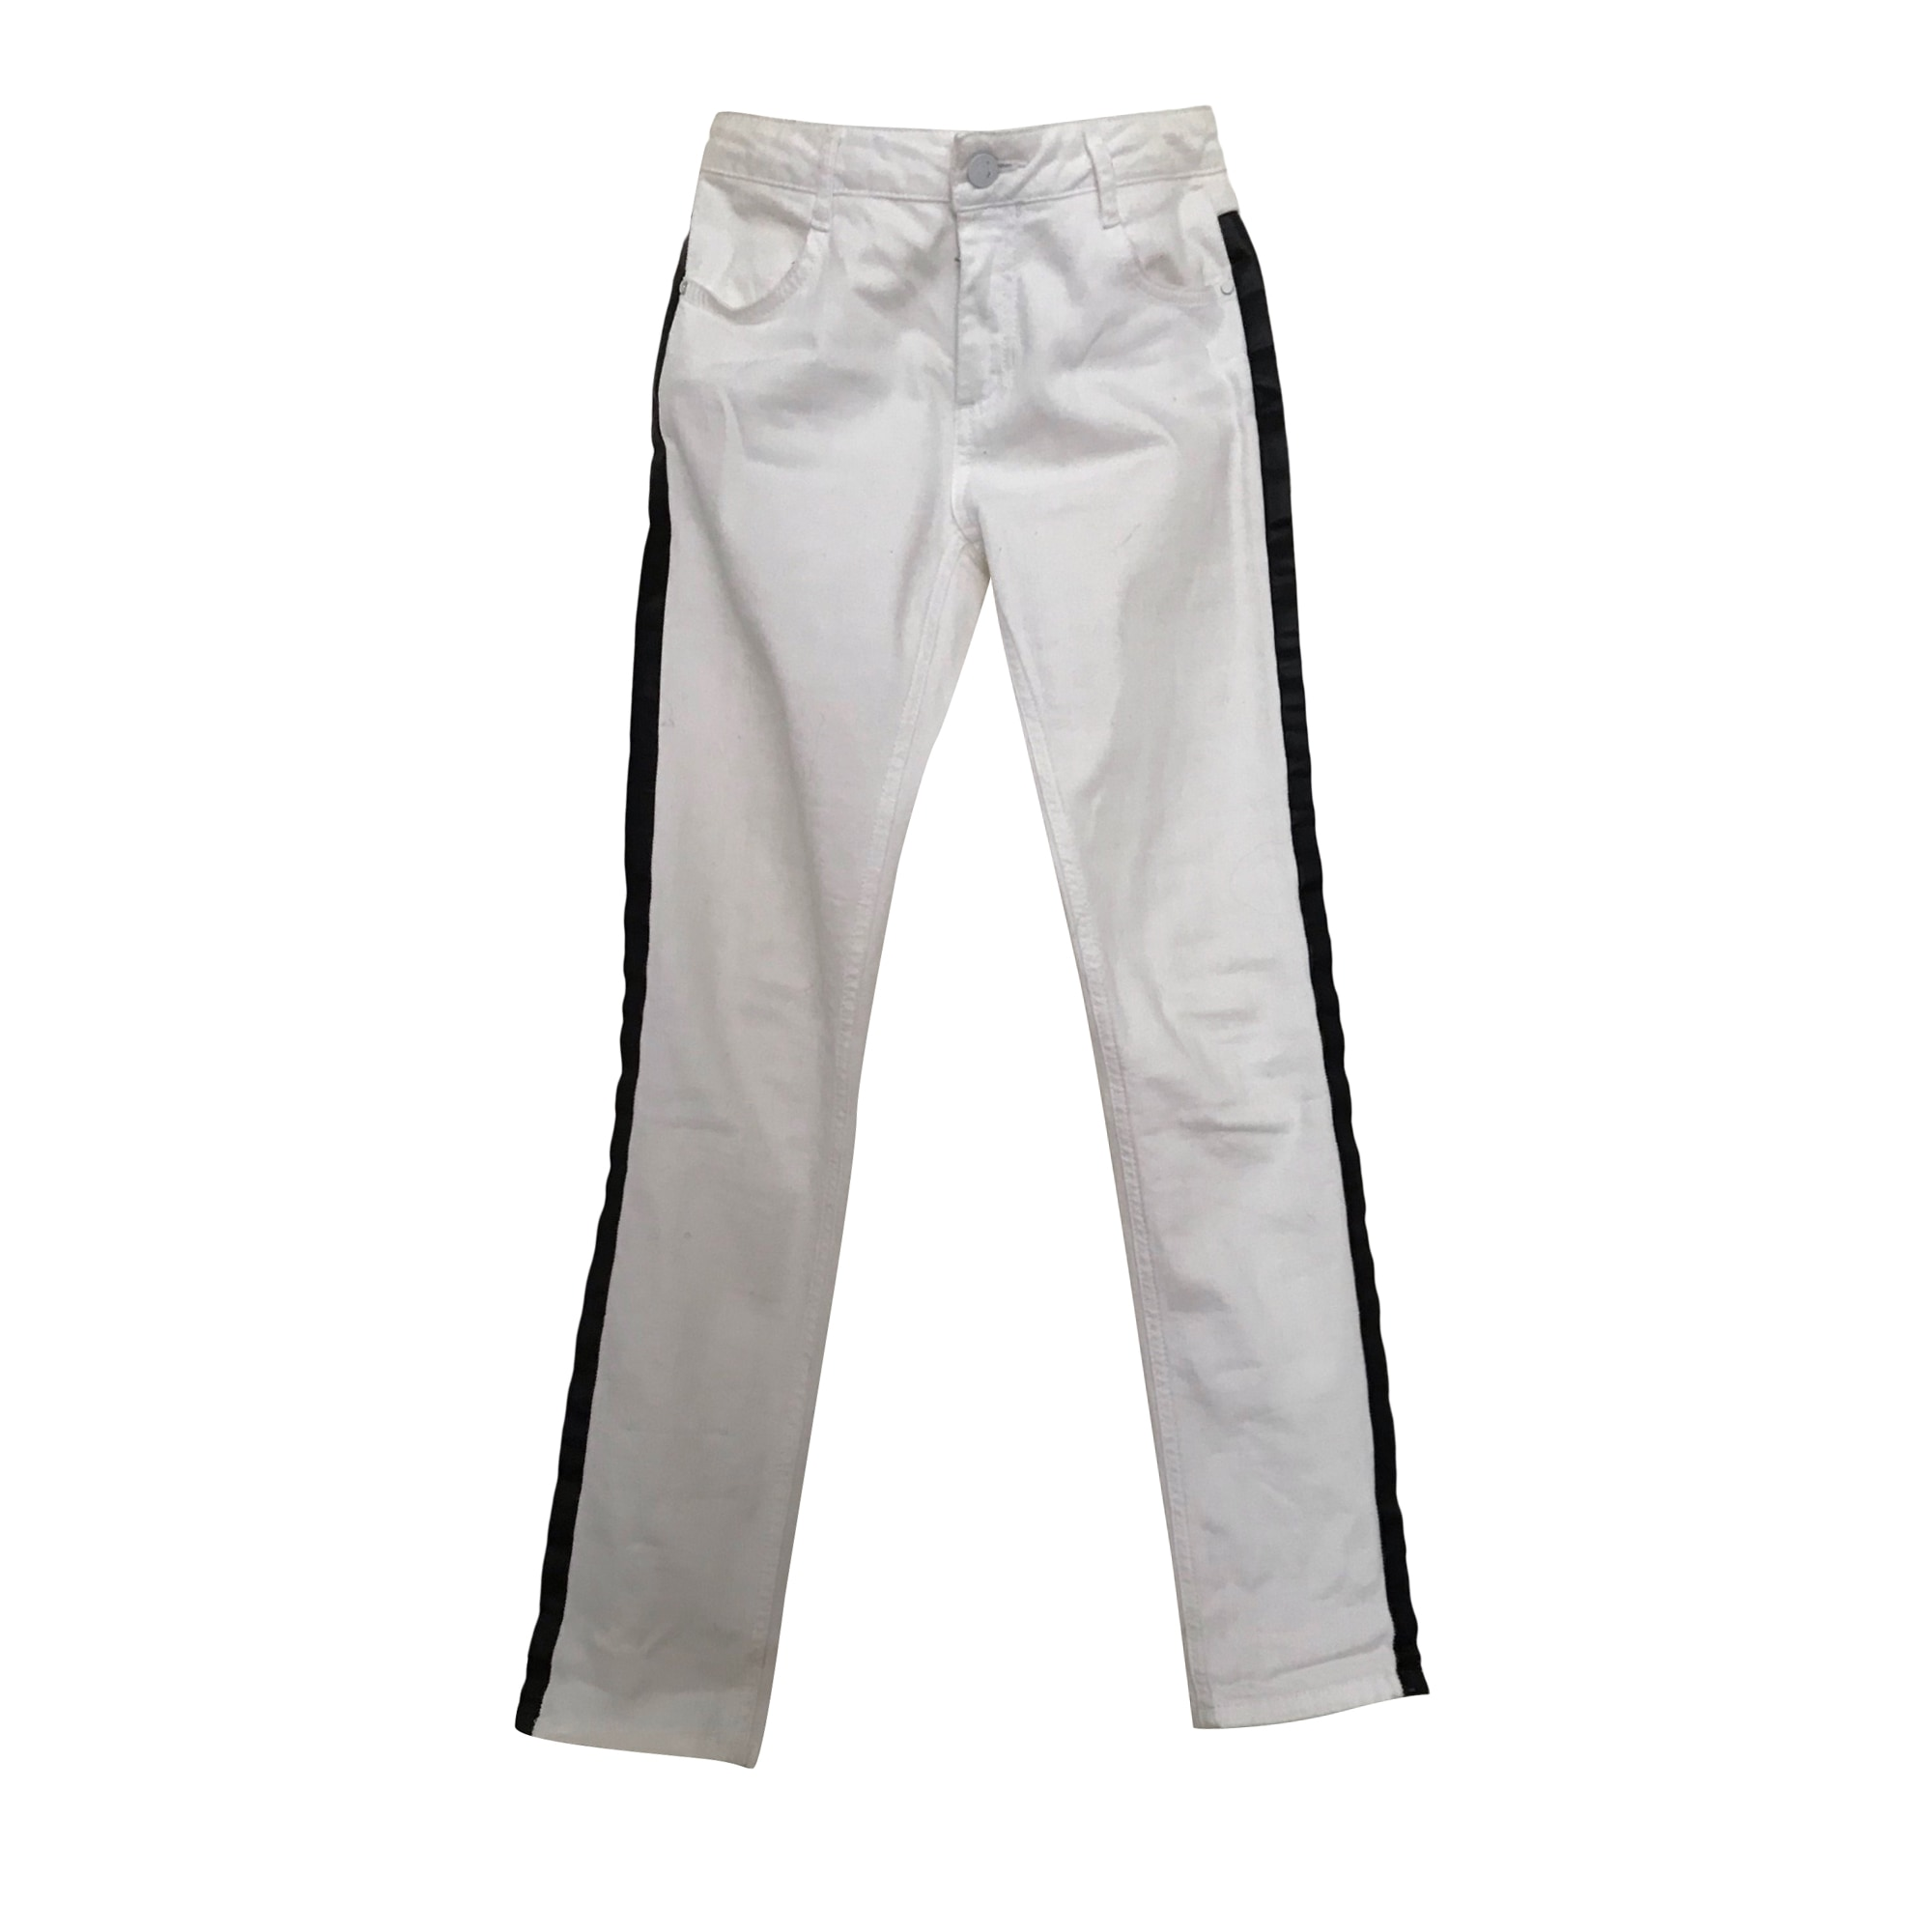 Pantalon slim, cigarette CLAUDIE PIERLOT Blanc, blanc cassé, écru